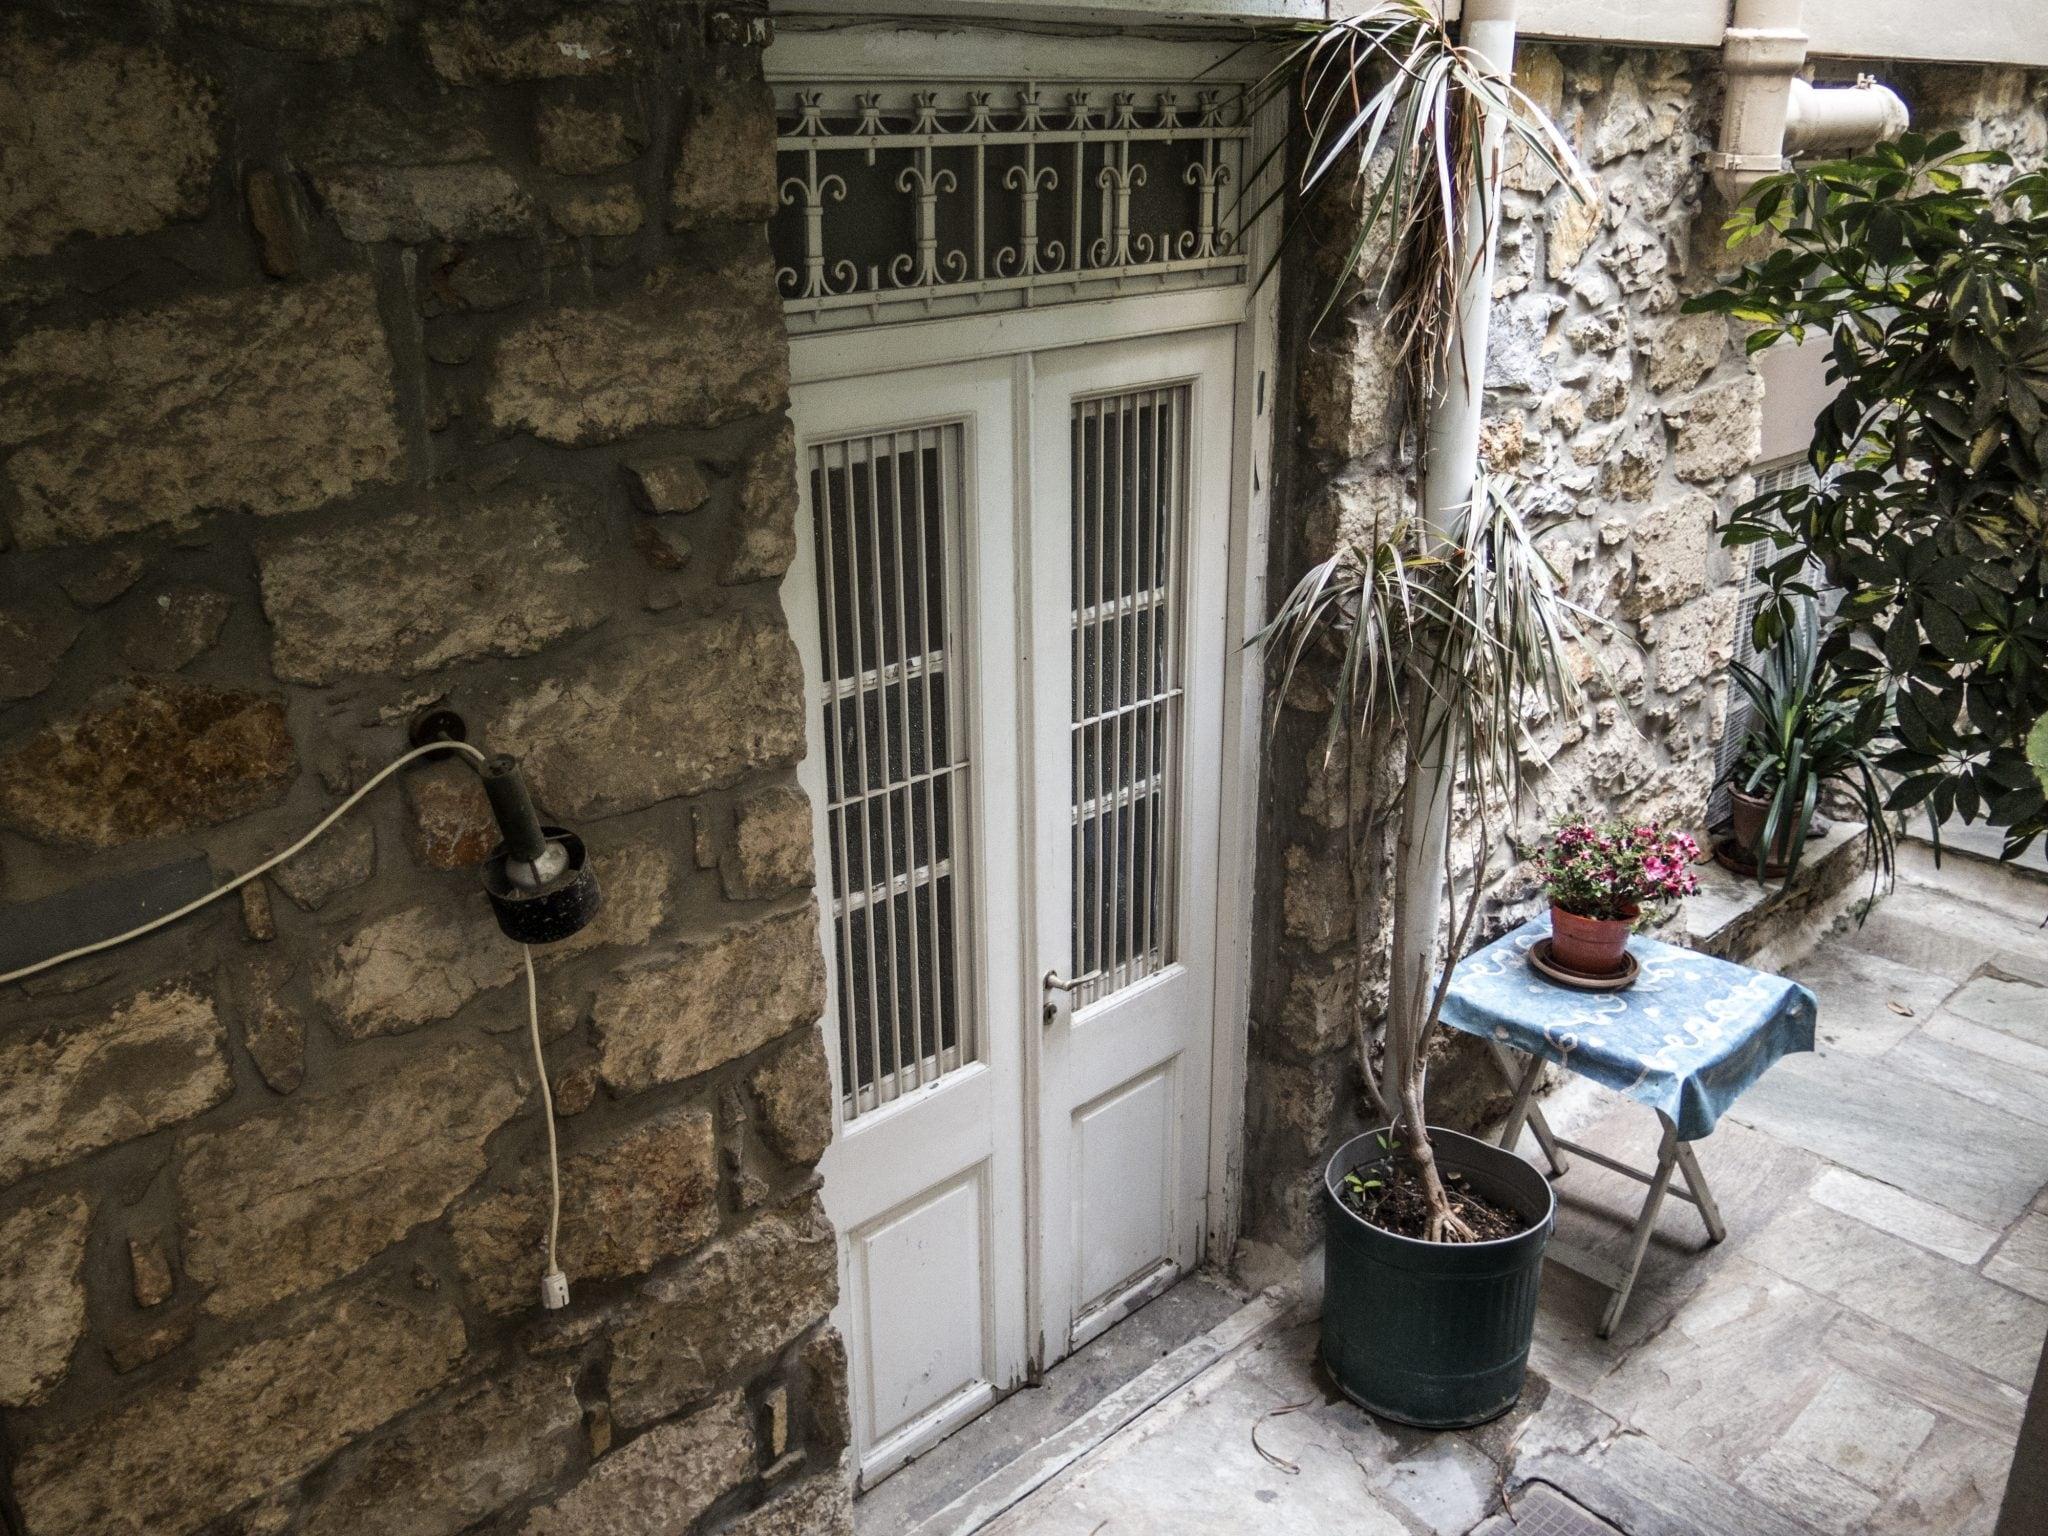 Maison, Acropolis - Ref GR-4203